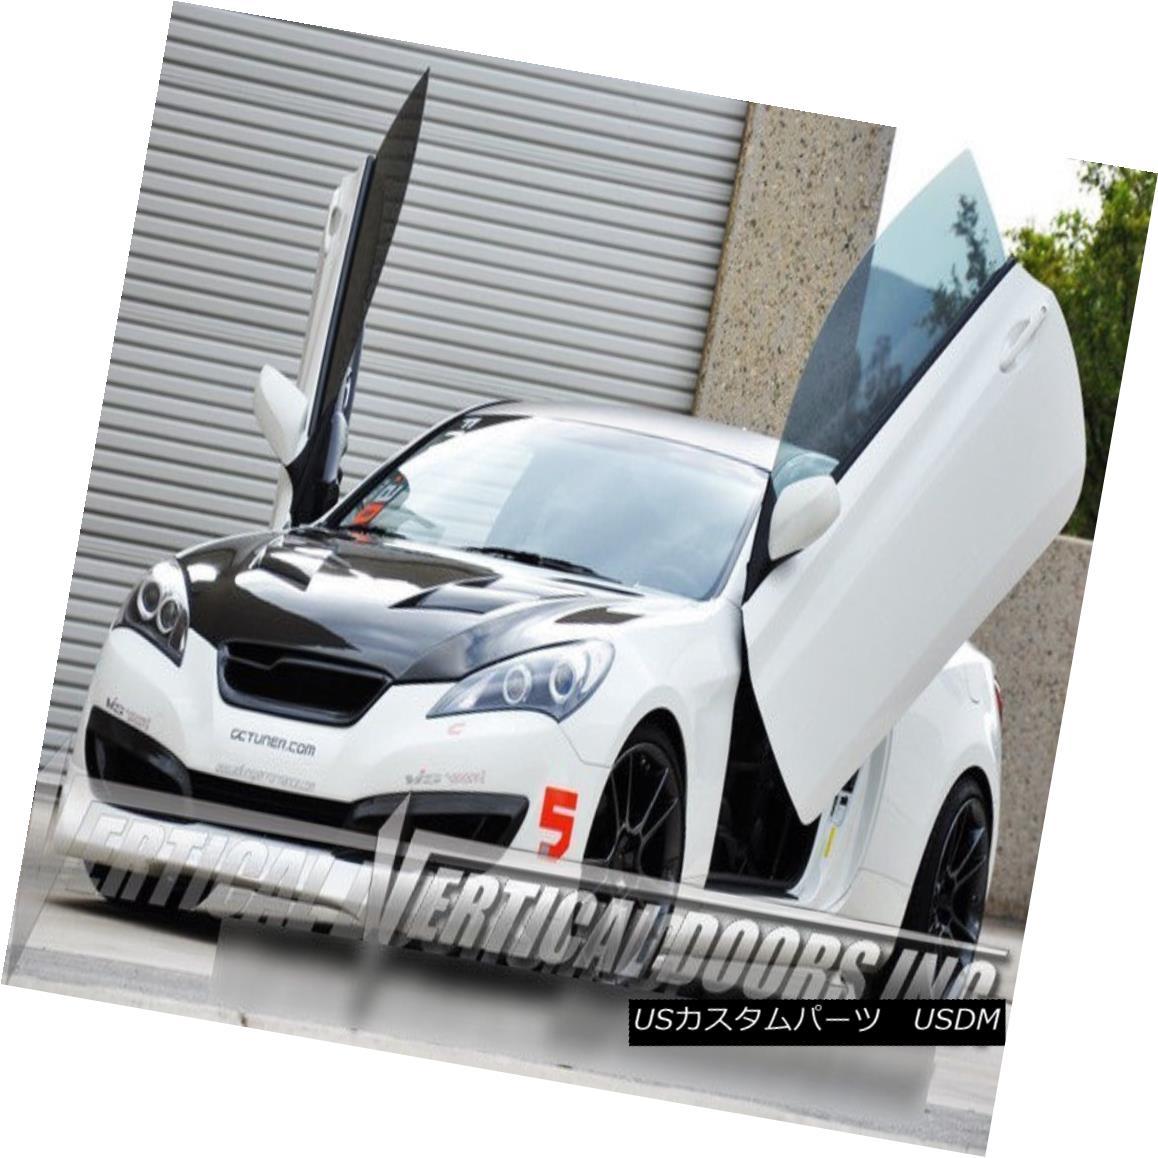 ガルウィングキット For Genesis Coupe 09-10 2DR Vertical Doors Inc Lambo Door Kit VDI Bolt On ジェネシスクーペのために09-10 2DR垂直ドアInc LamboドアキットVDIボルトオン